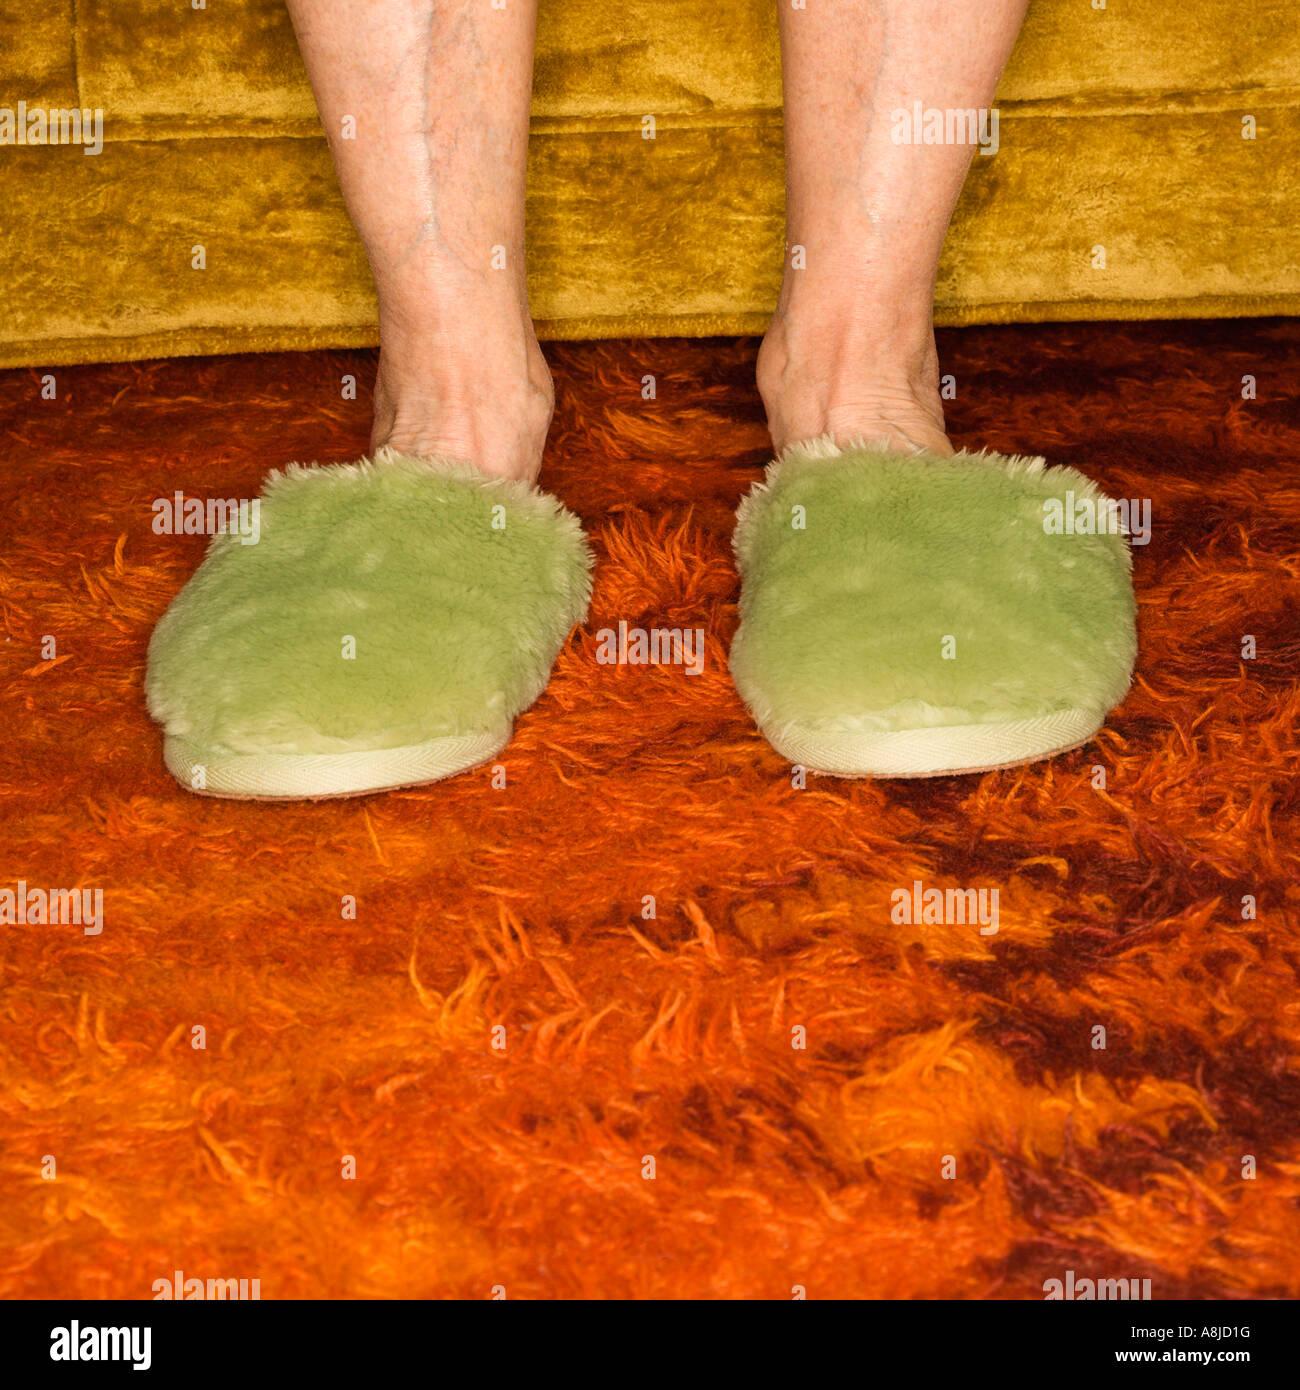 Caucasico femmina senior piedi indossando green pantofole da camera su un tappeto Immagini Stock